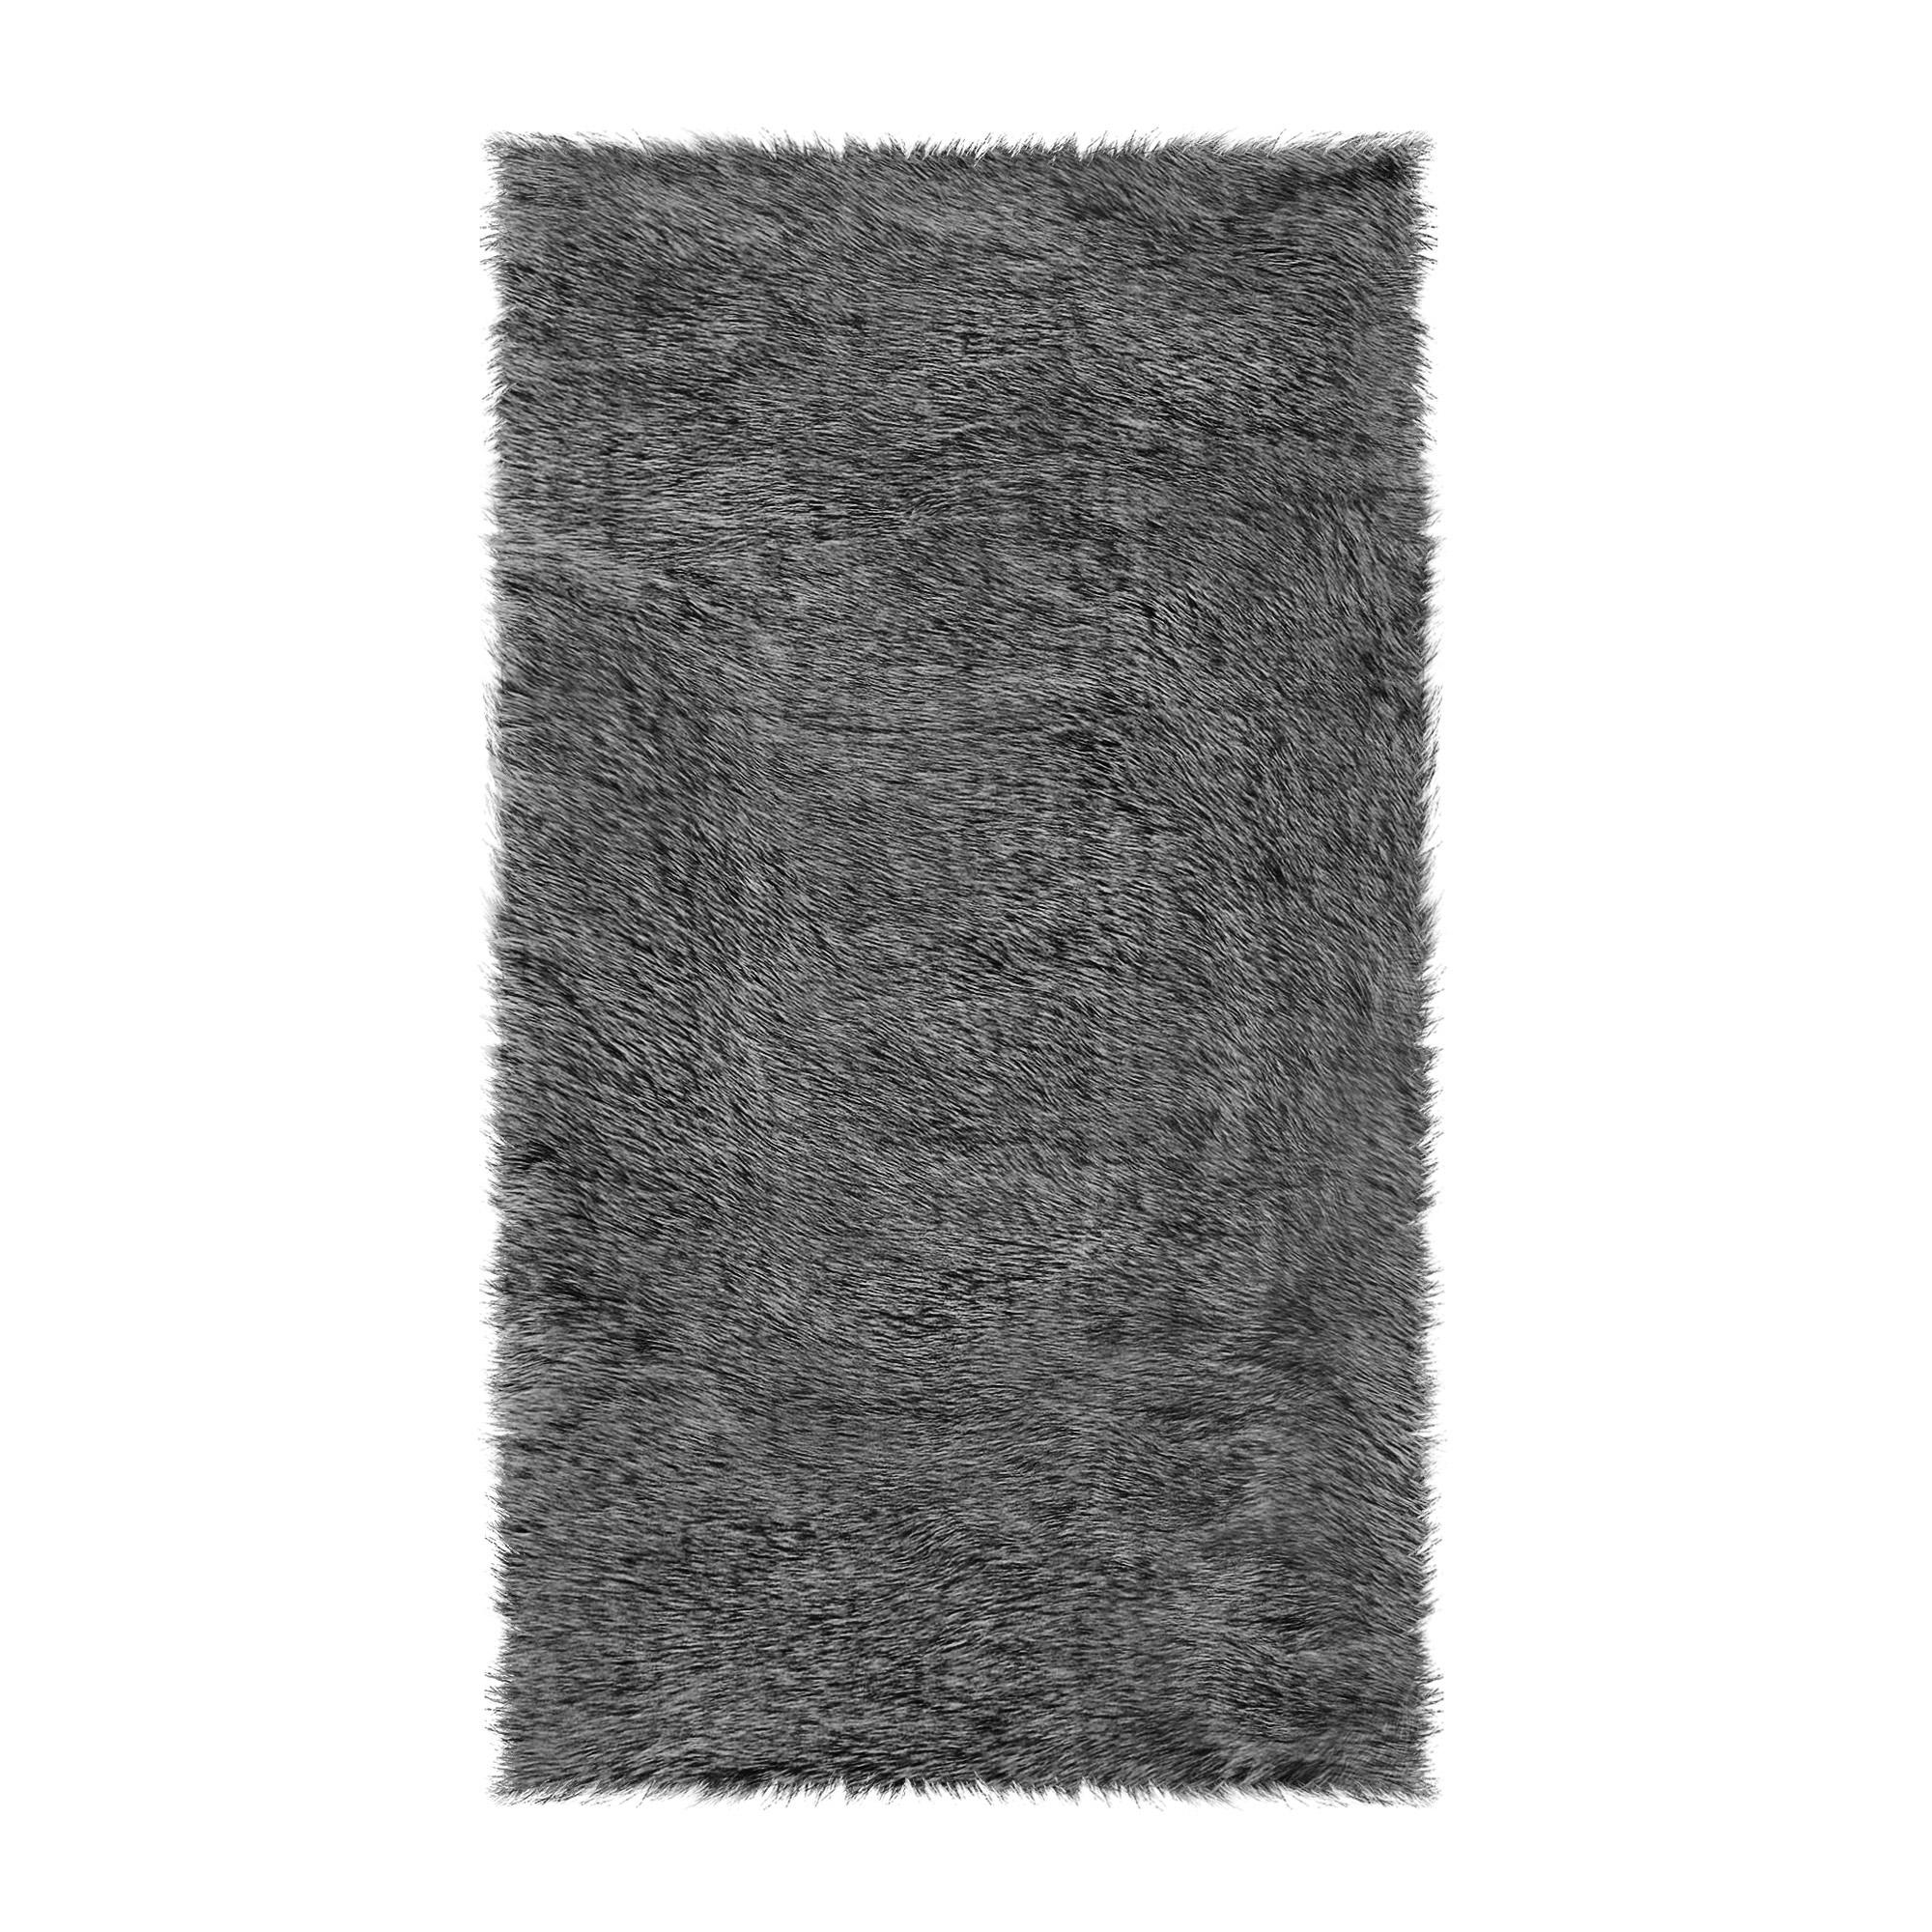 Шкура Ковровые галереи 60х110 овчина d.bl.tip white фото